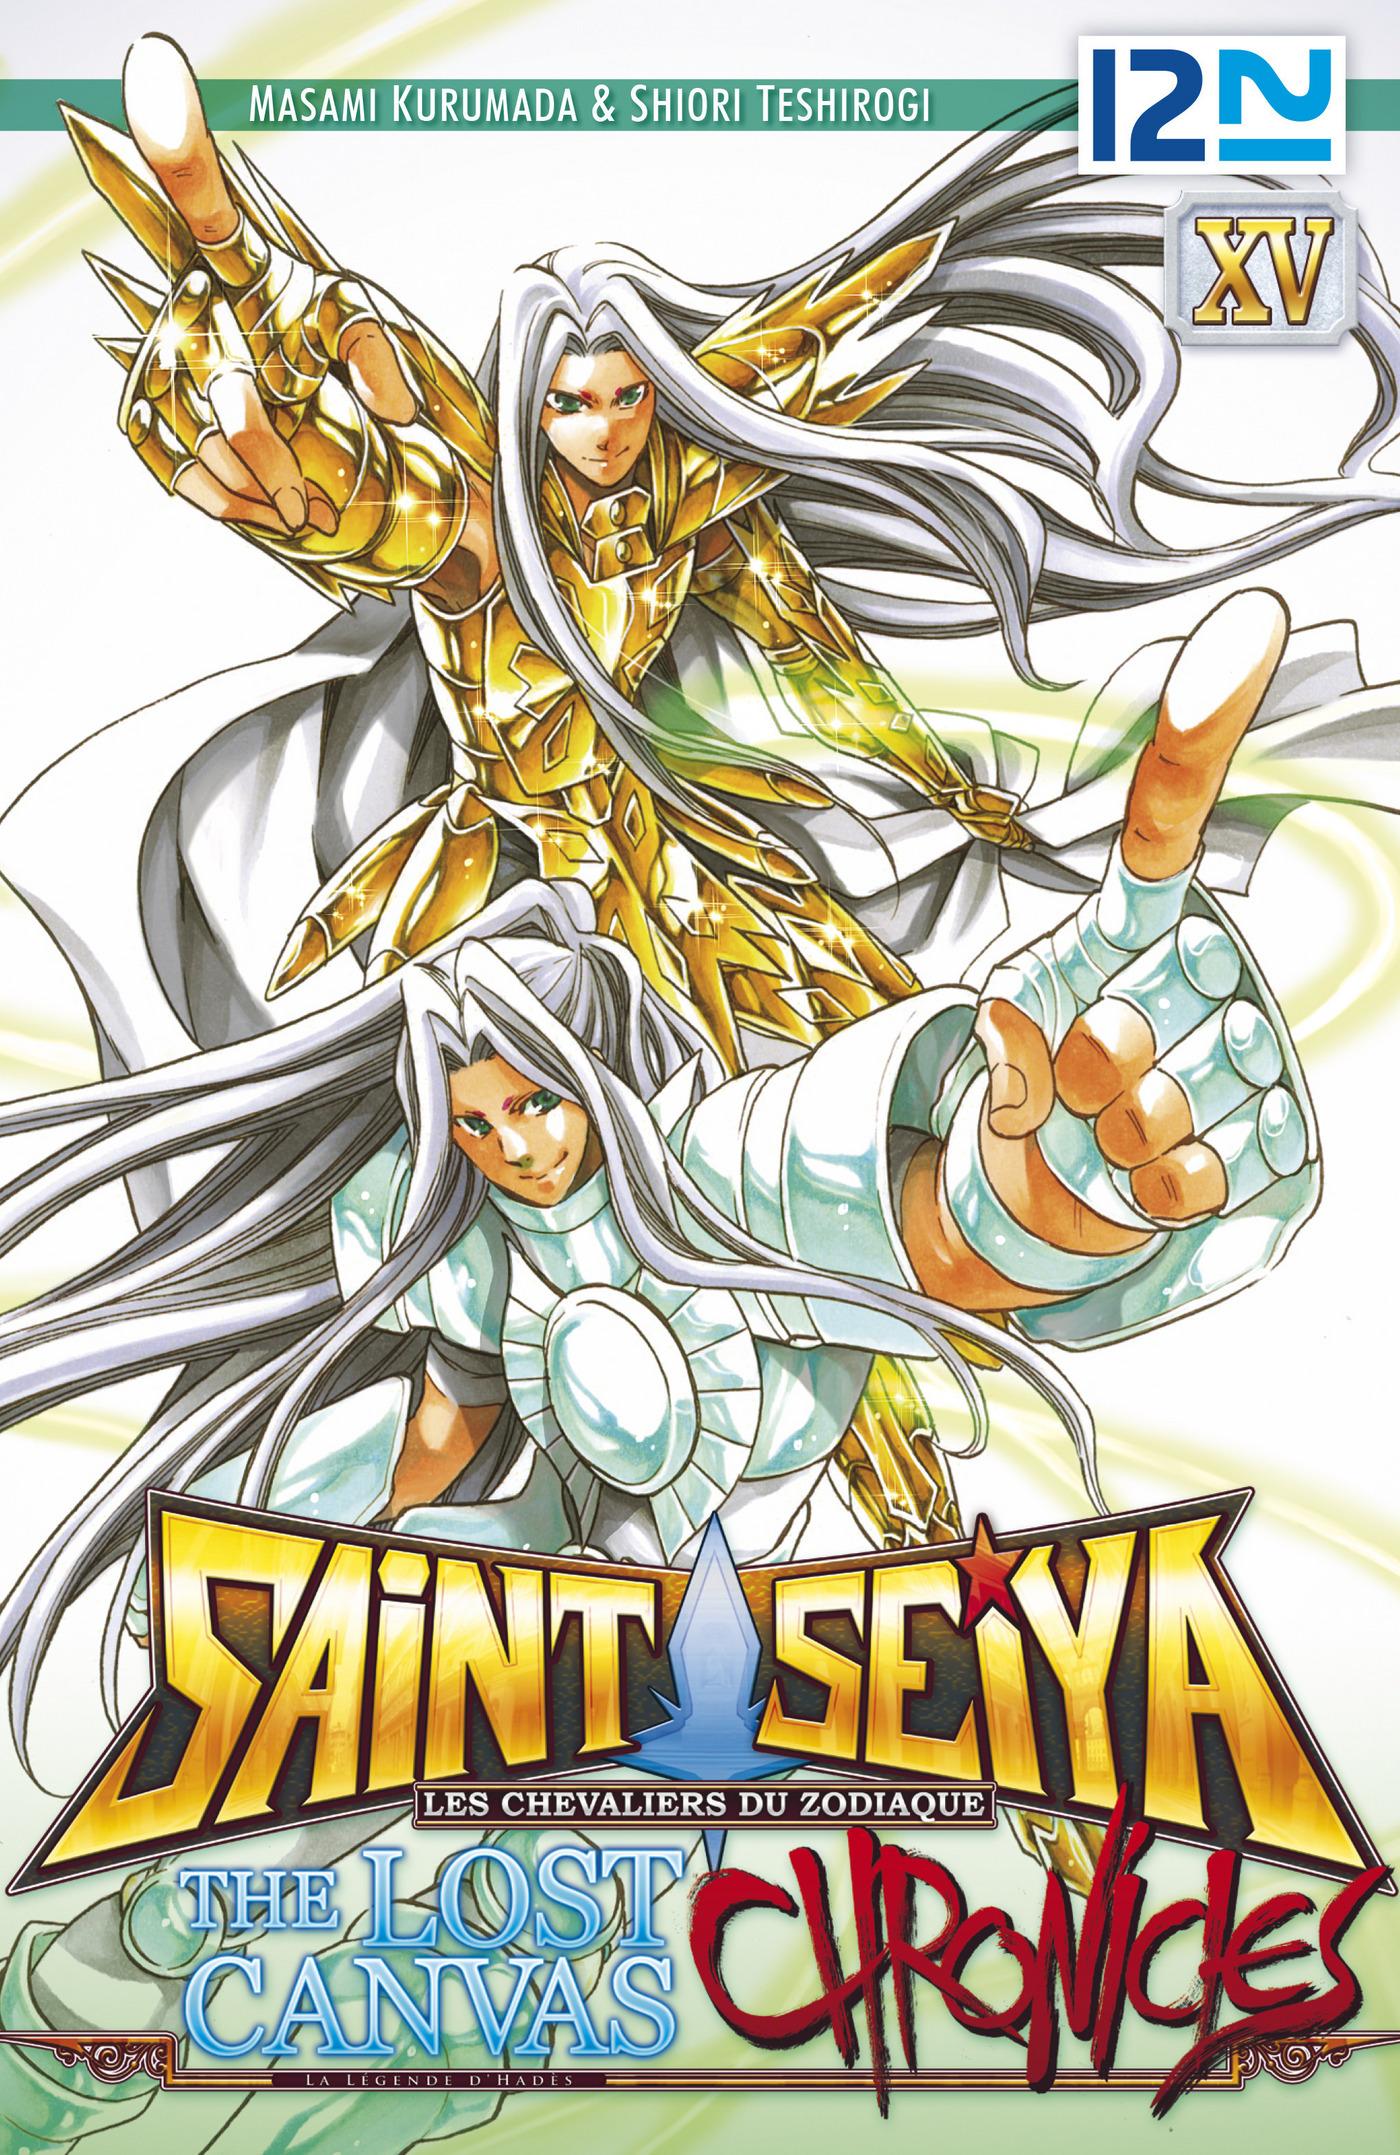 Saint Seiya - Les Chevaliers du Zodiaque - The Lost Canvas - La Légende d'Hadès - Chronicles - tome 15